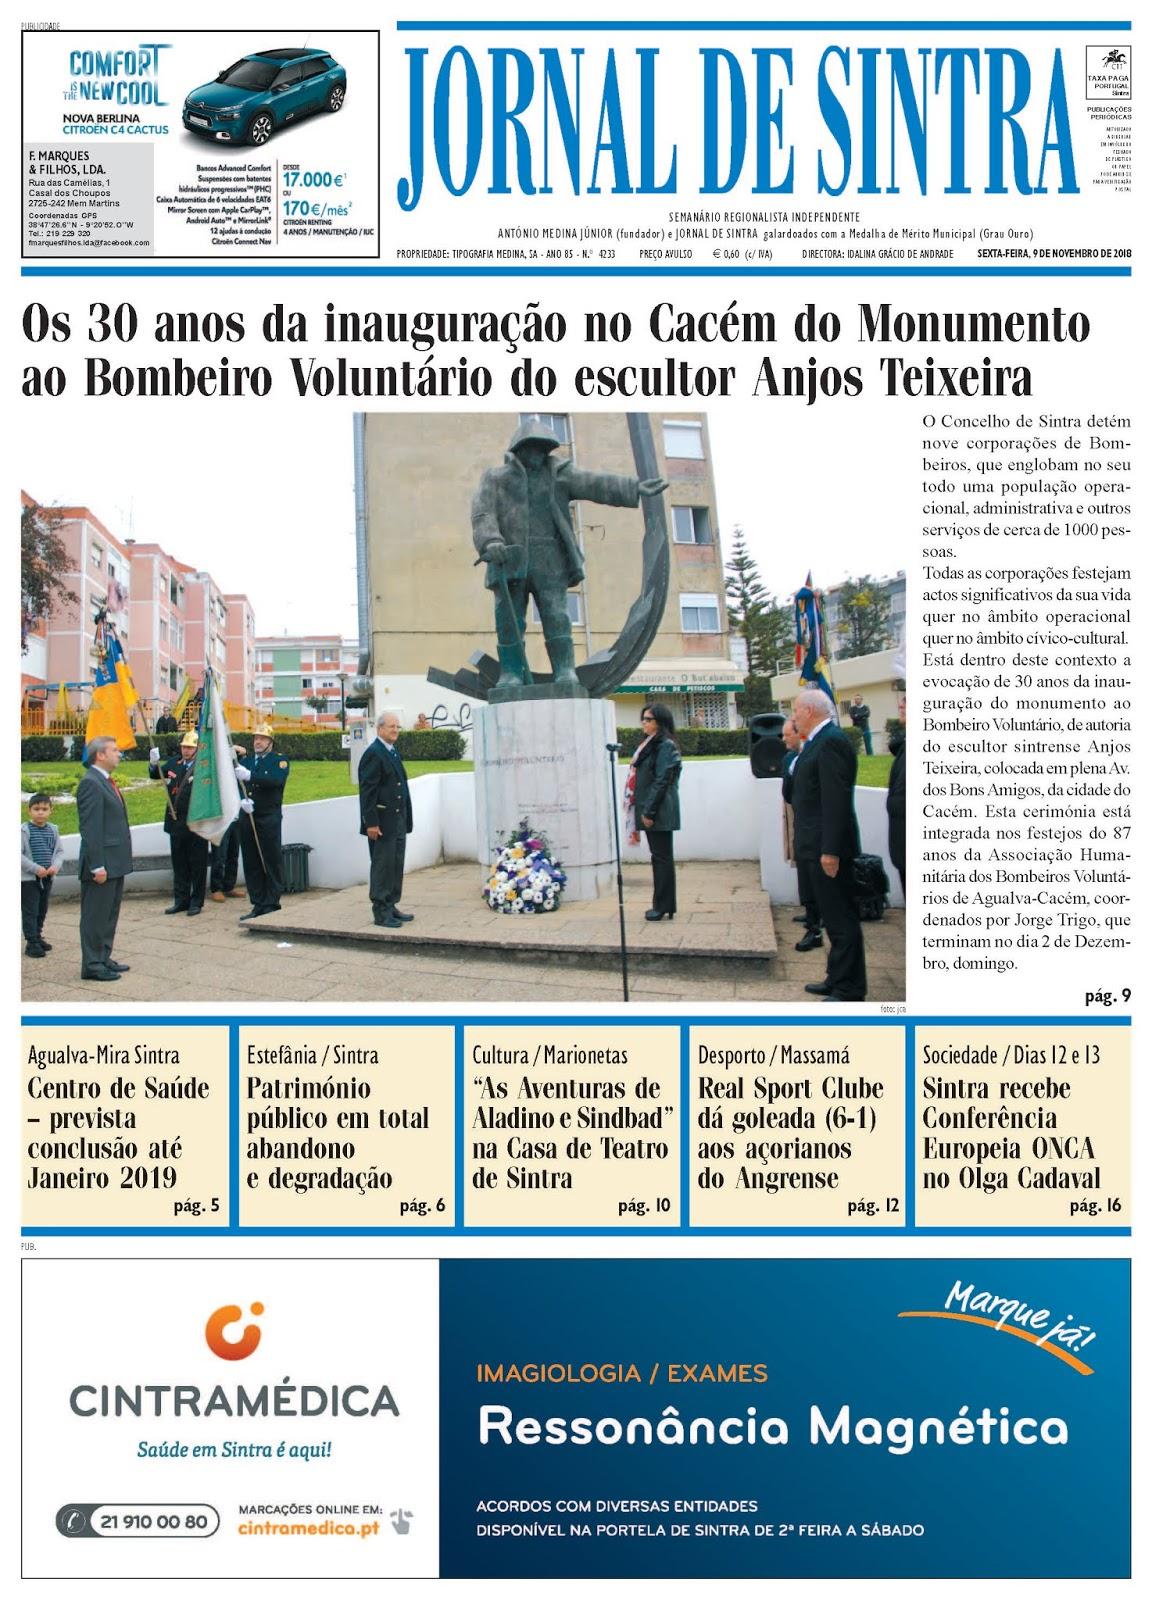 Capa da edição de 09-11-2018